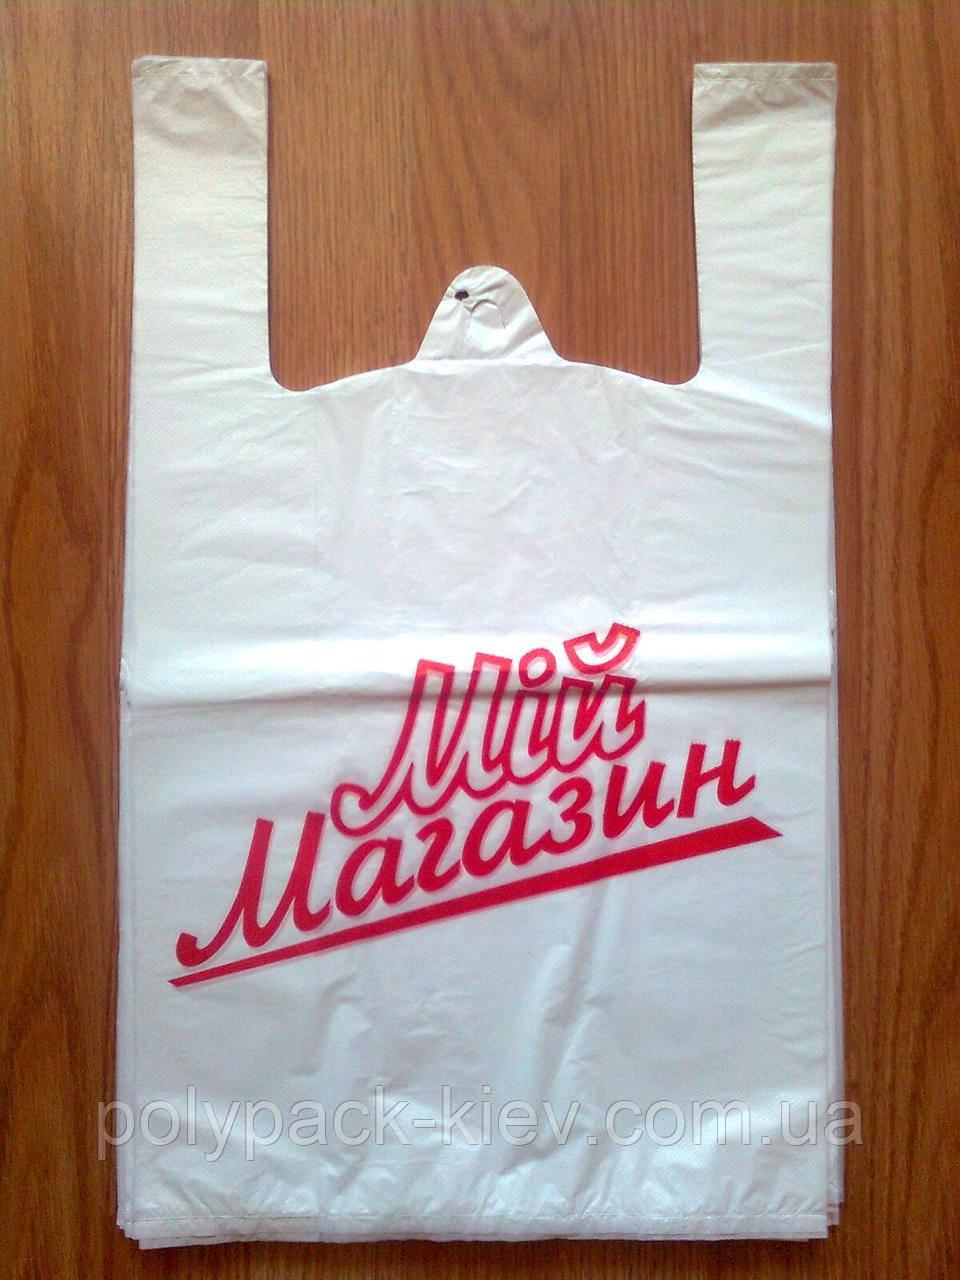 """Пакет майка білий """"Мій магазин"""" 29х49 см/25 мкм, білі поліетиленові пакети з логотипом, біла майка купити"""